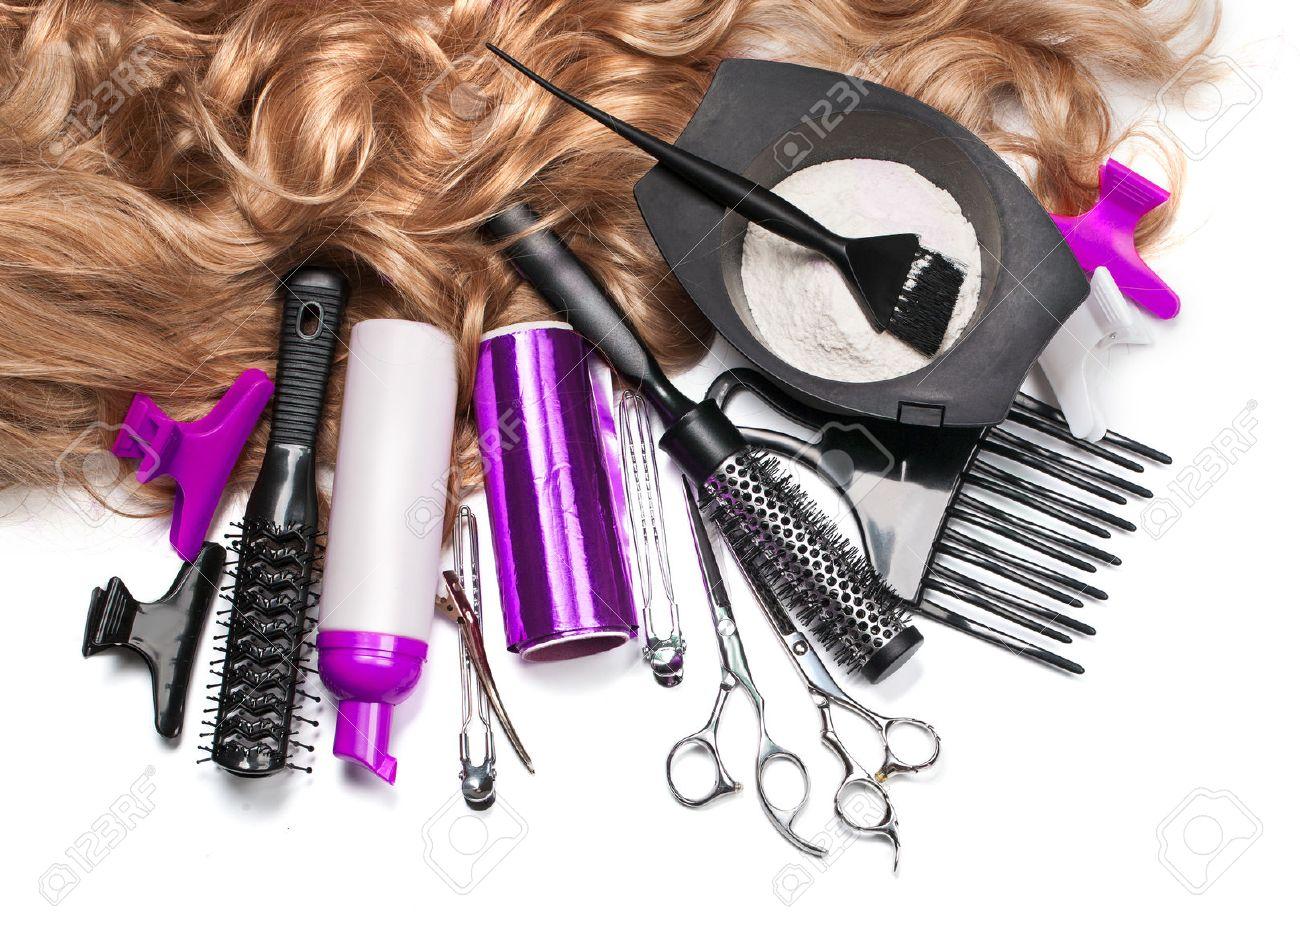 coiffeur dessin Accessoires de coiffure pour la coloration des cheveux sur  un fond blanc Banque